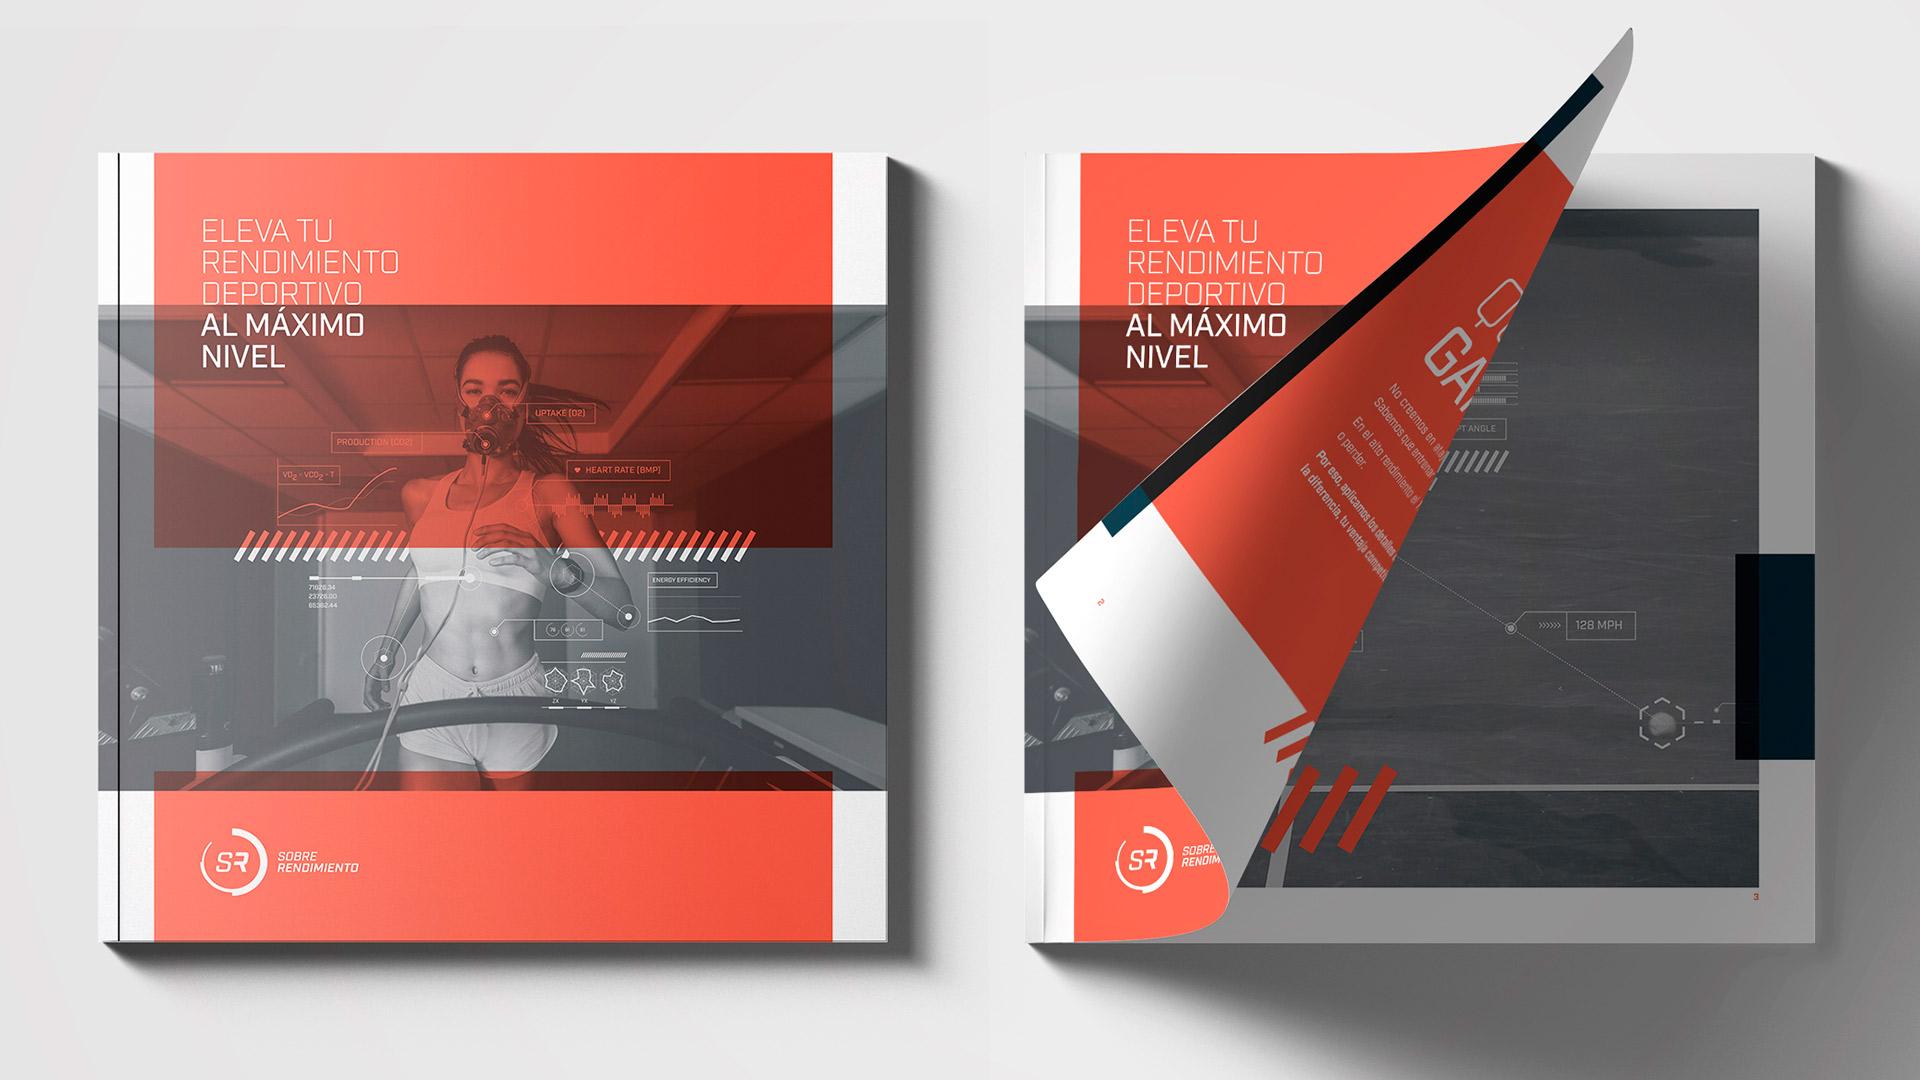 Diseño brochure editorial marca Sobre Rendimiento - Cover 2